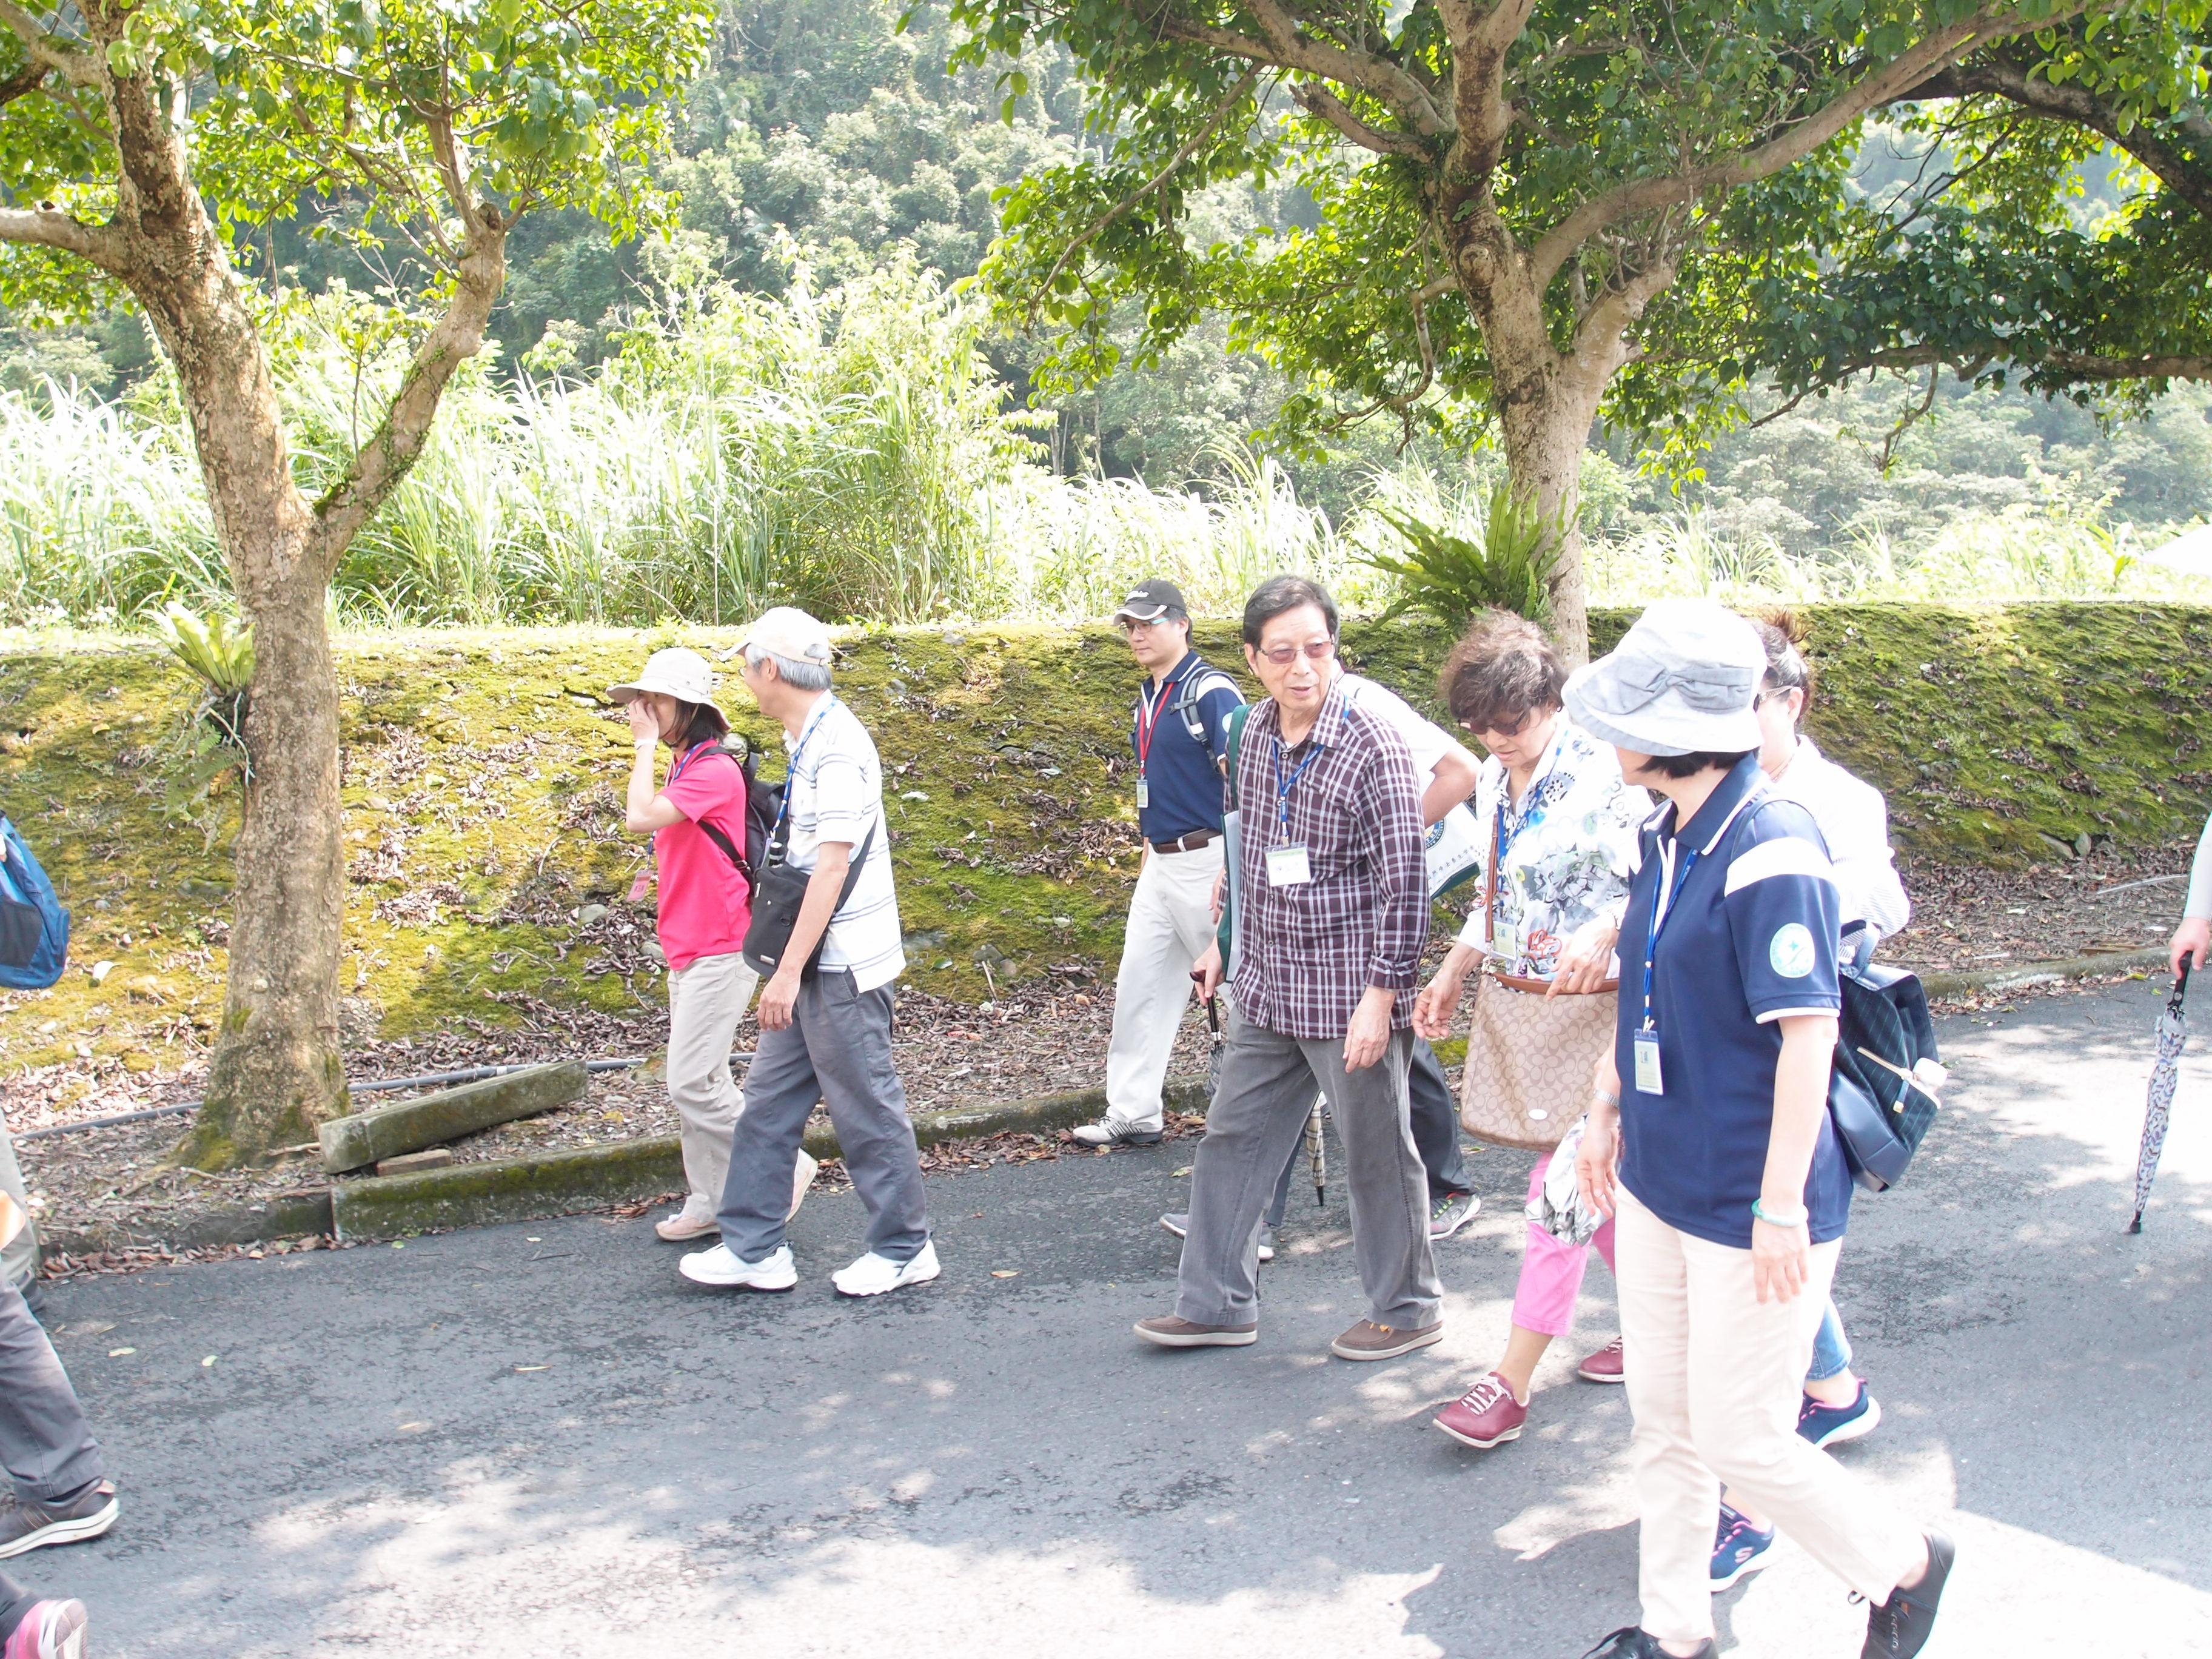 開始漫步九寮溪自然園區